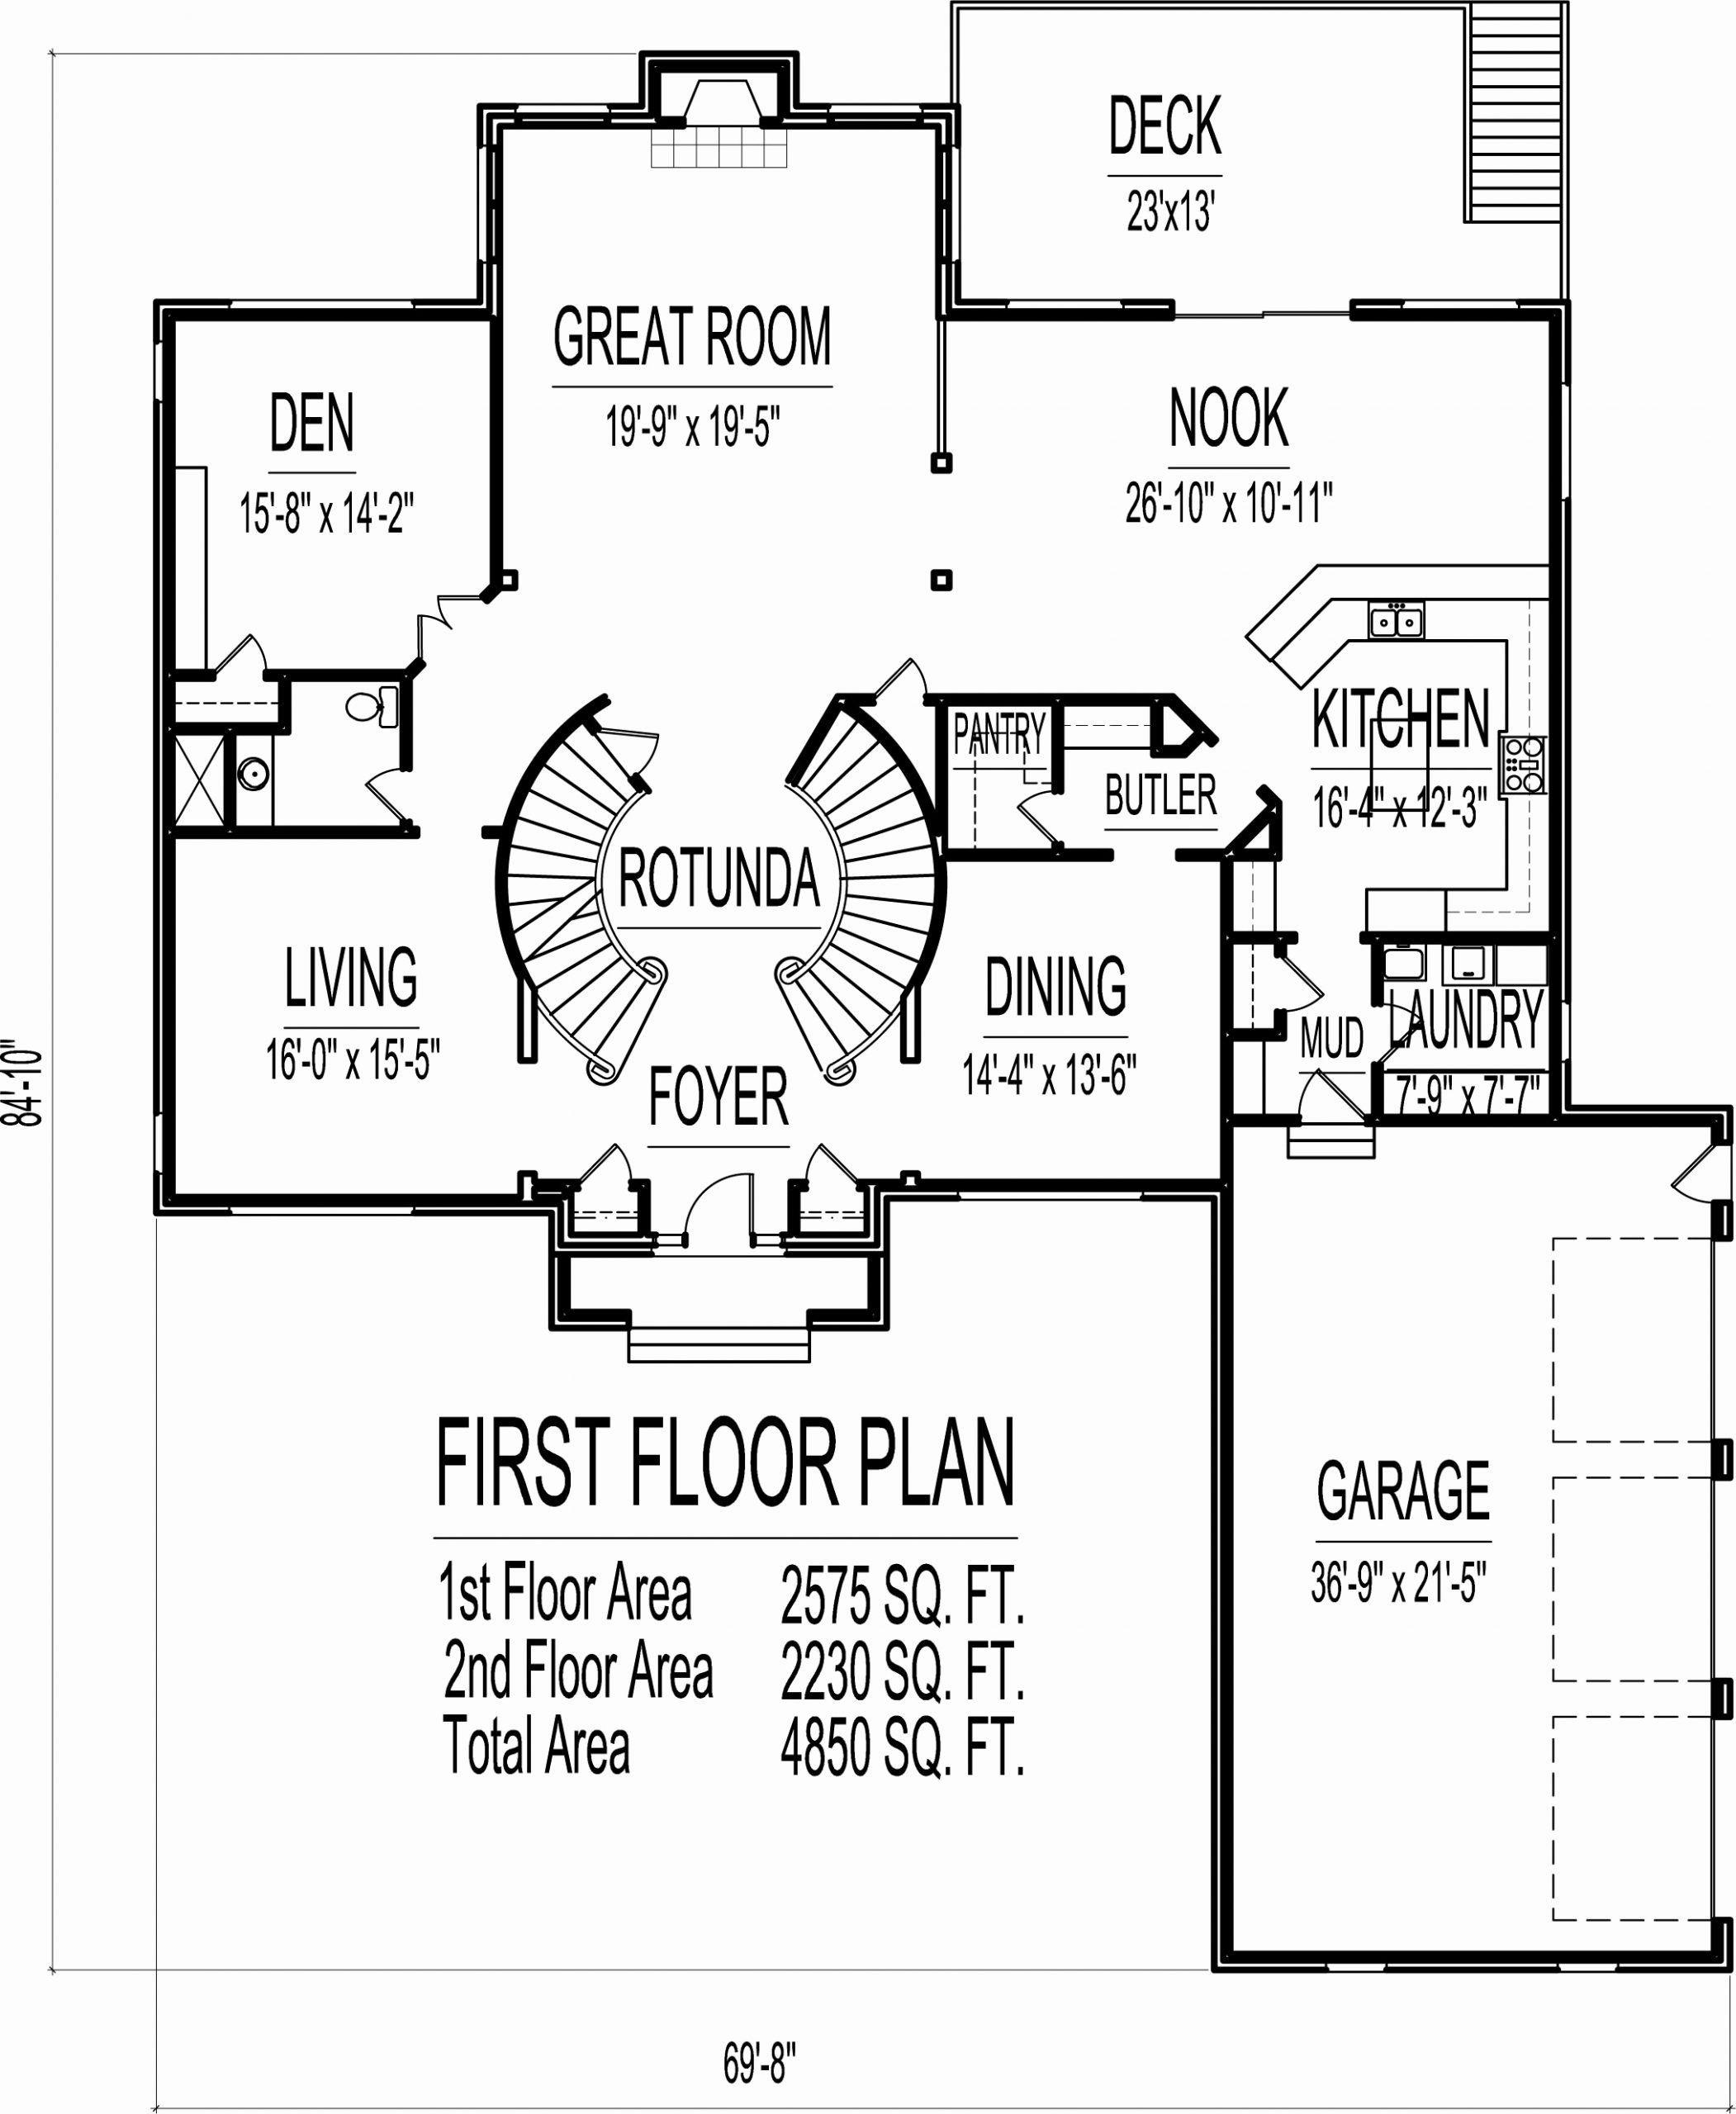 10000 Sq Ft House Plans Unique 4500 Square Foot House Floor Plans 5 Bedroom 2 Story Double Bungalow House Floor Plans Colonial House Plans House Floor Plans